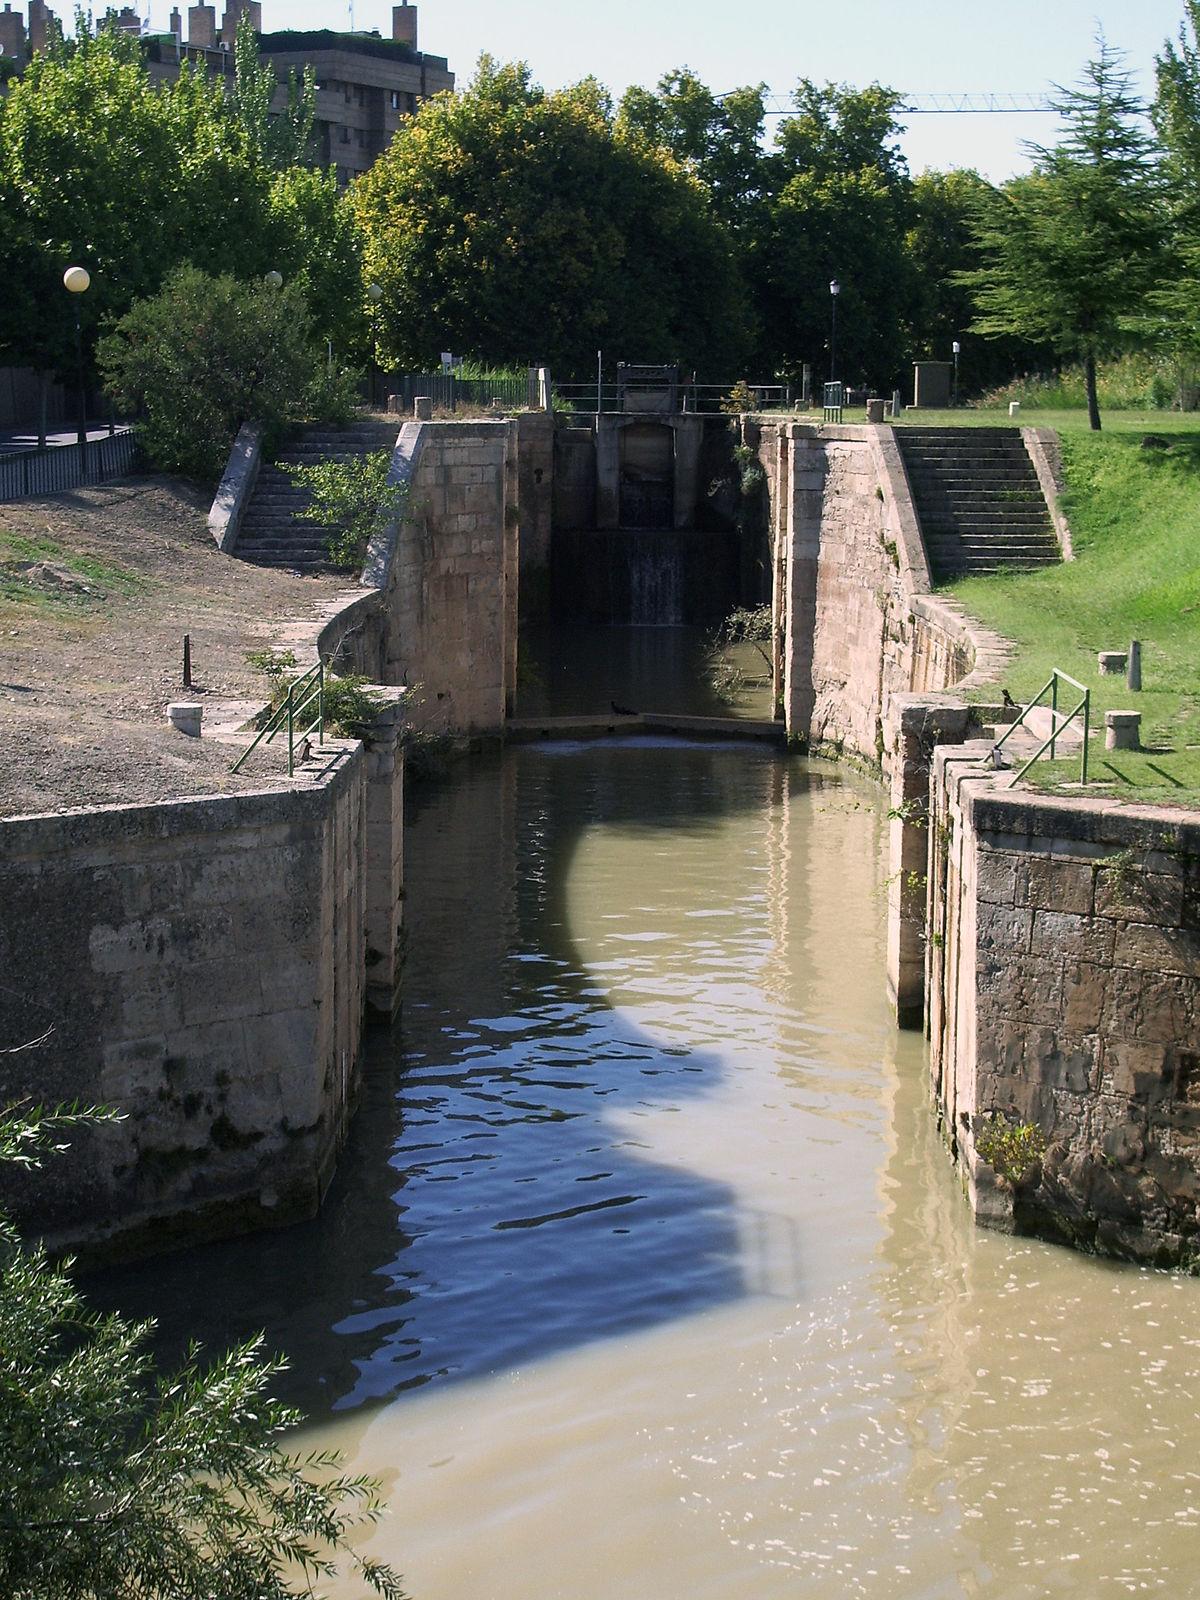 Canal imperial de arag n wikipedia la enciclopedia libre for Lagunas artificiales construccion